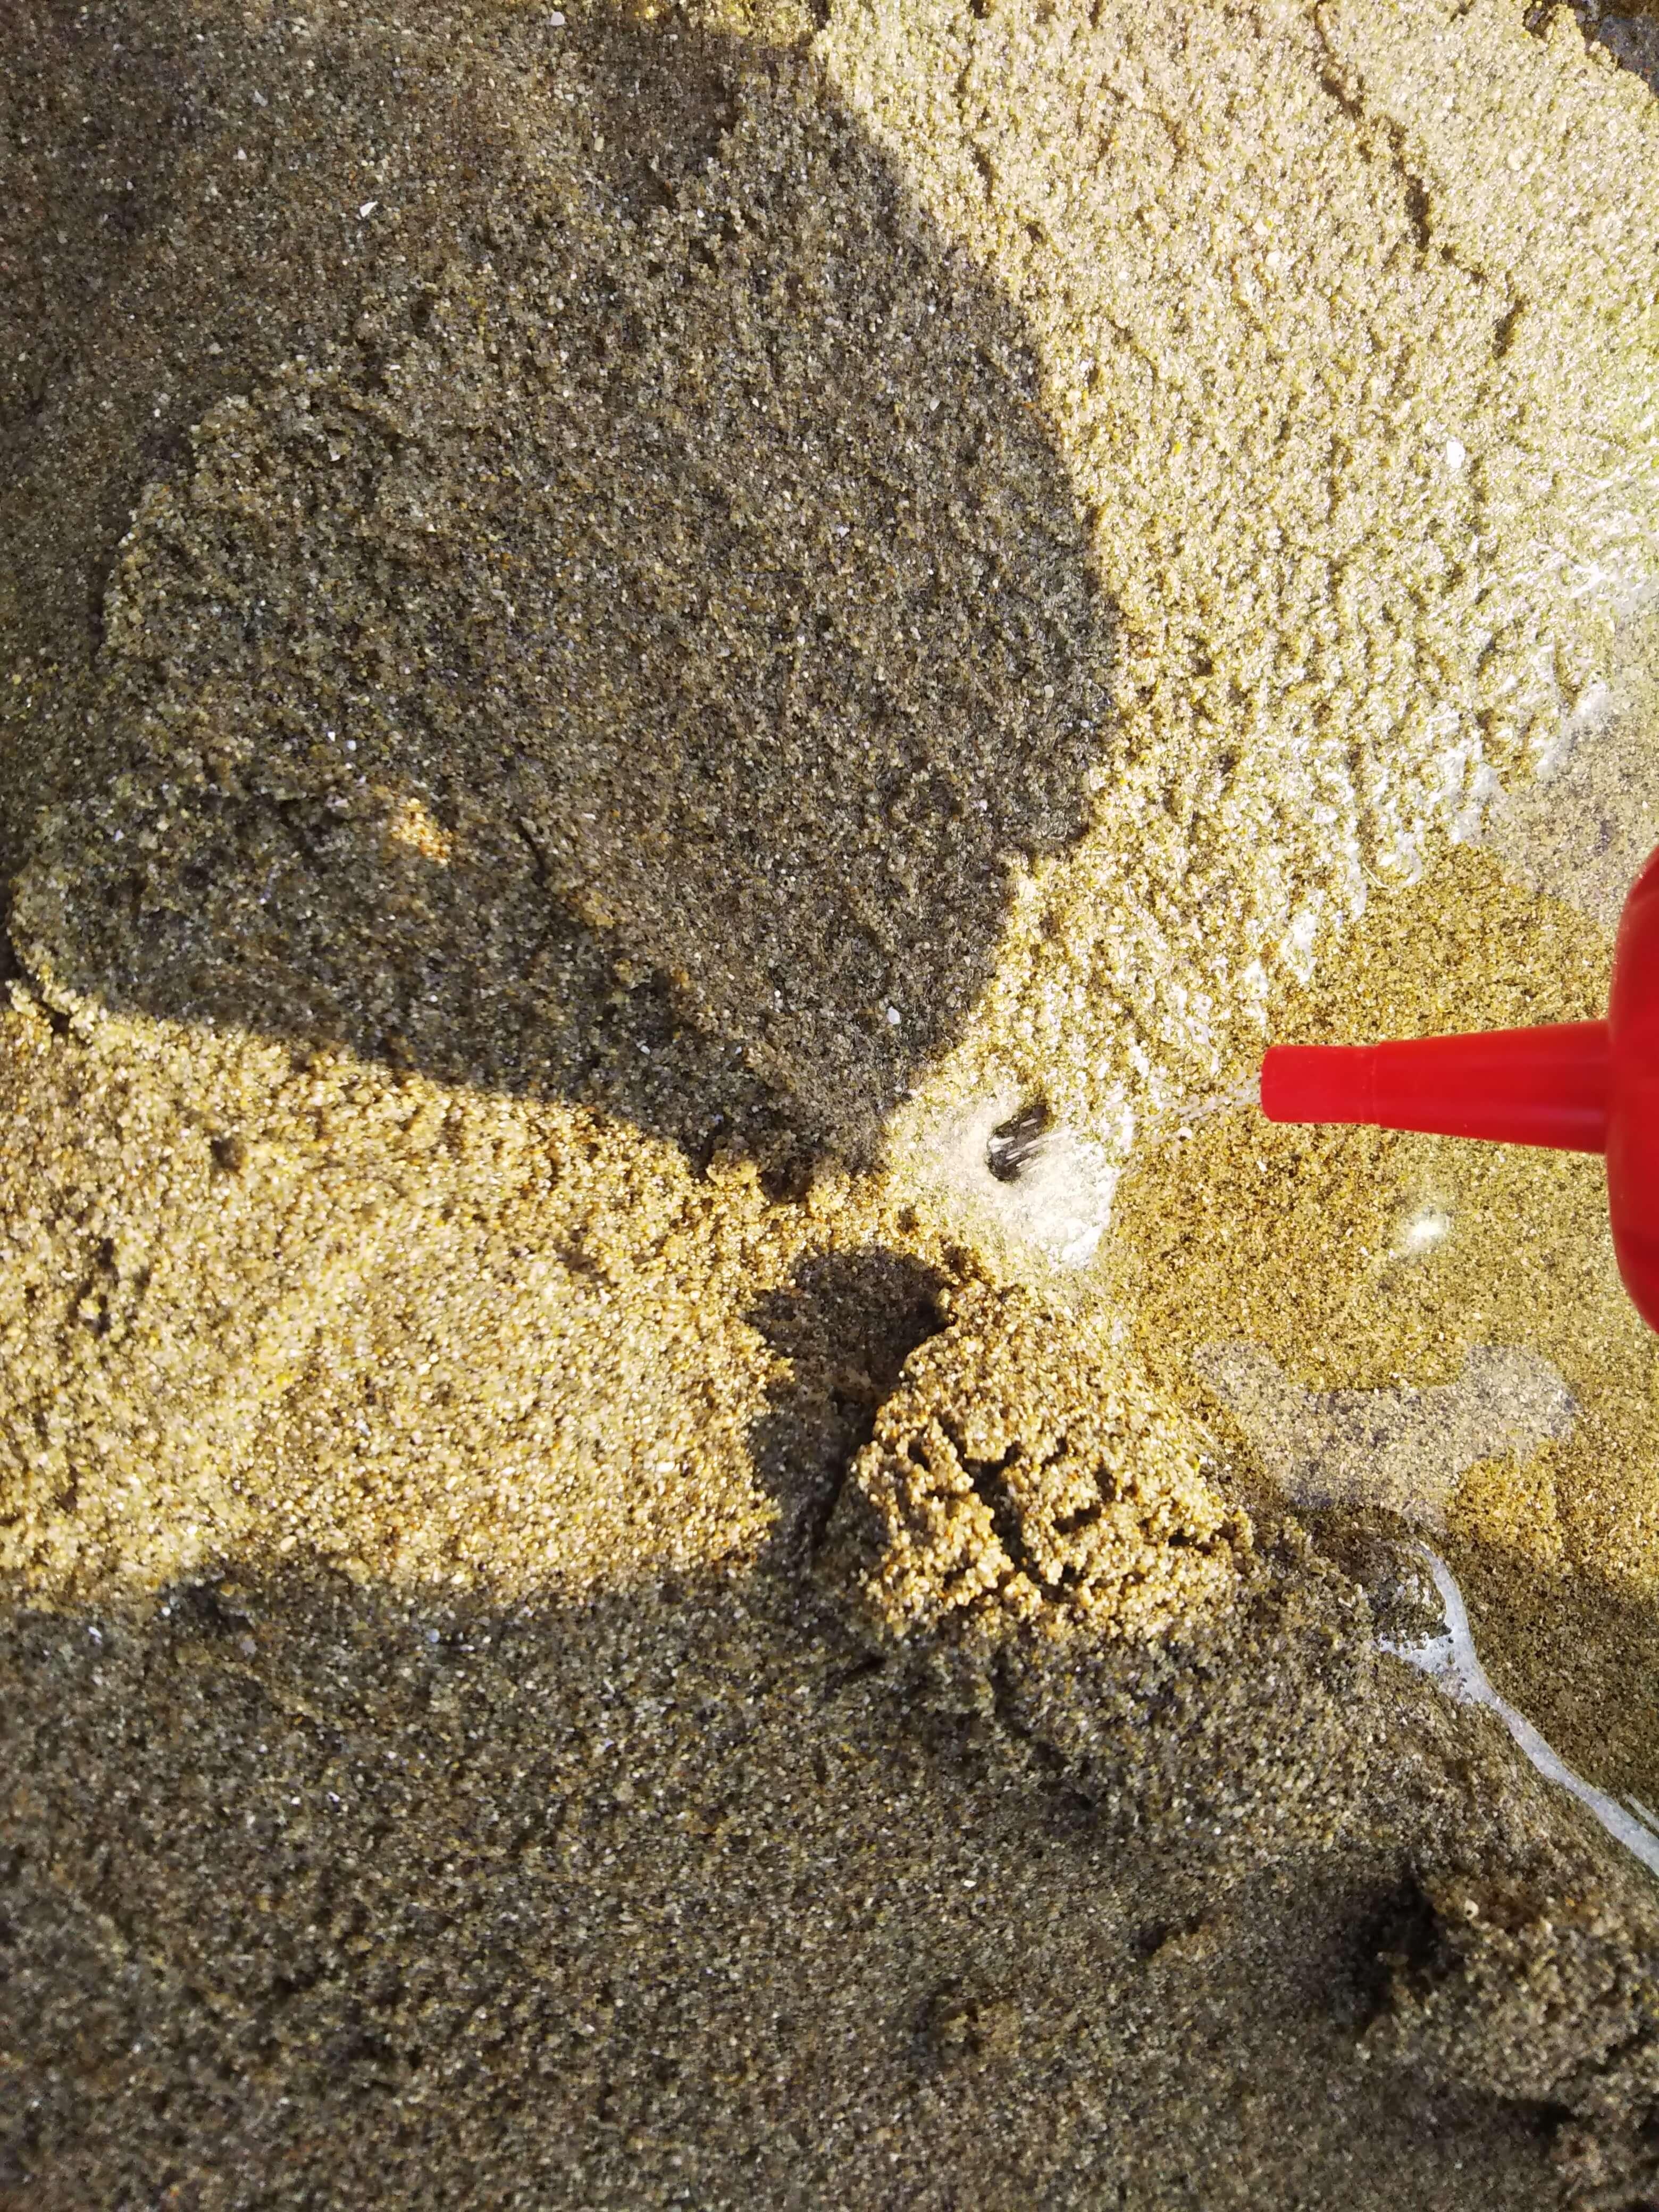 マテ貝の穴に塩をかける